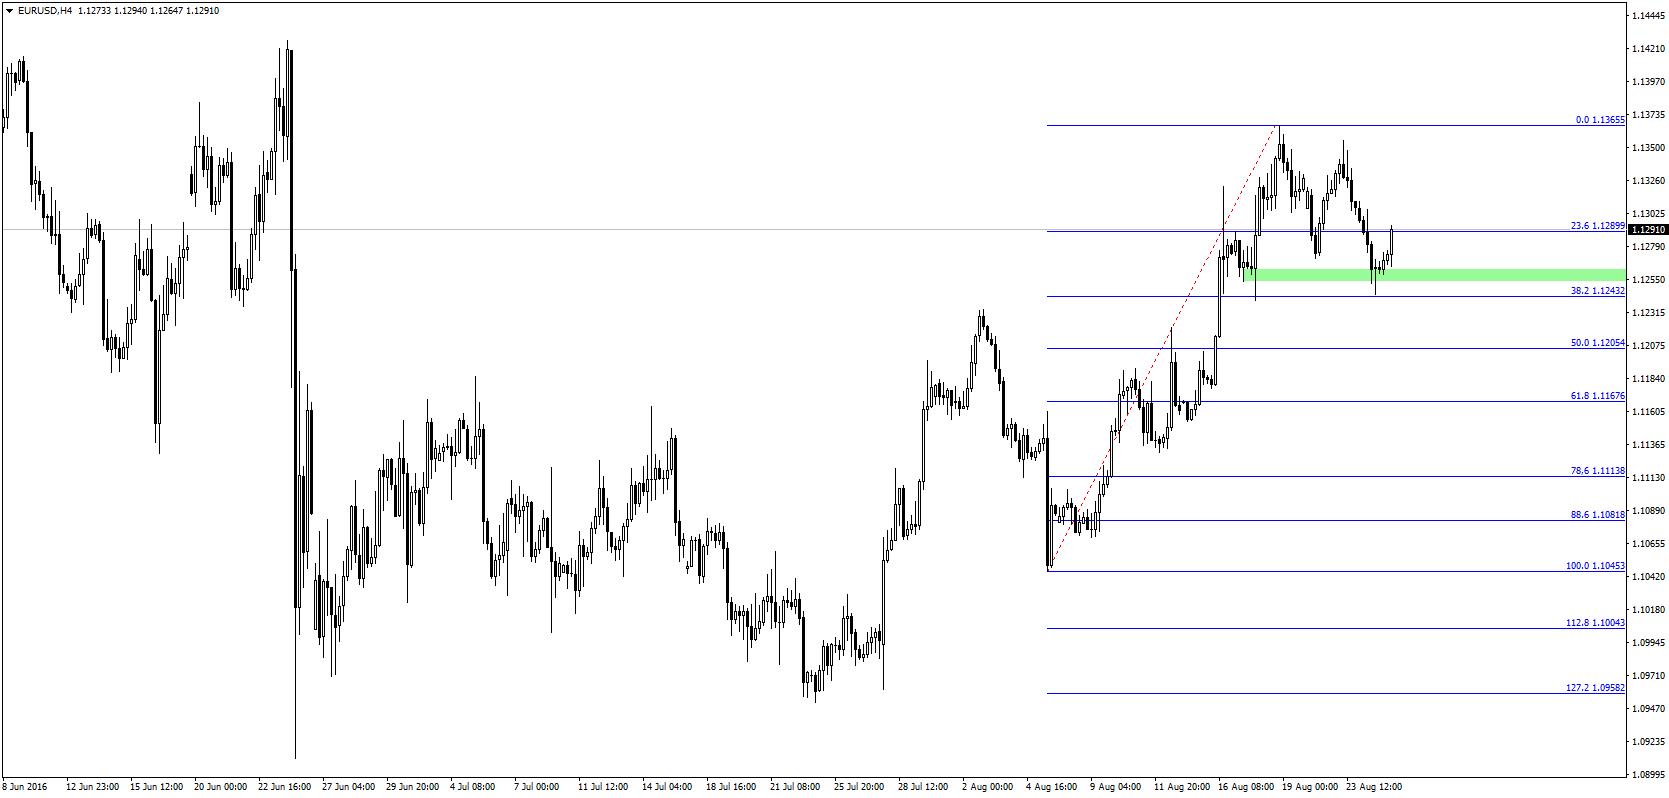 Dolar traci względem EUR, na co zwracaliśmy uwagę w porannym przeglądzie rynkowym